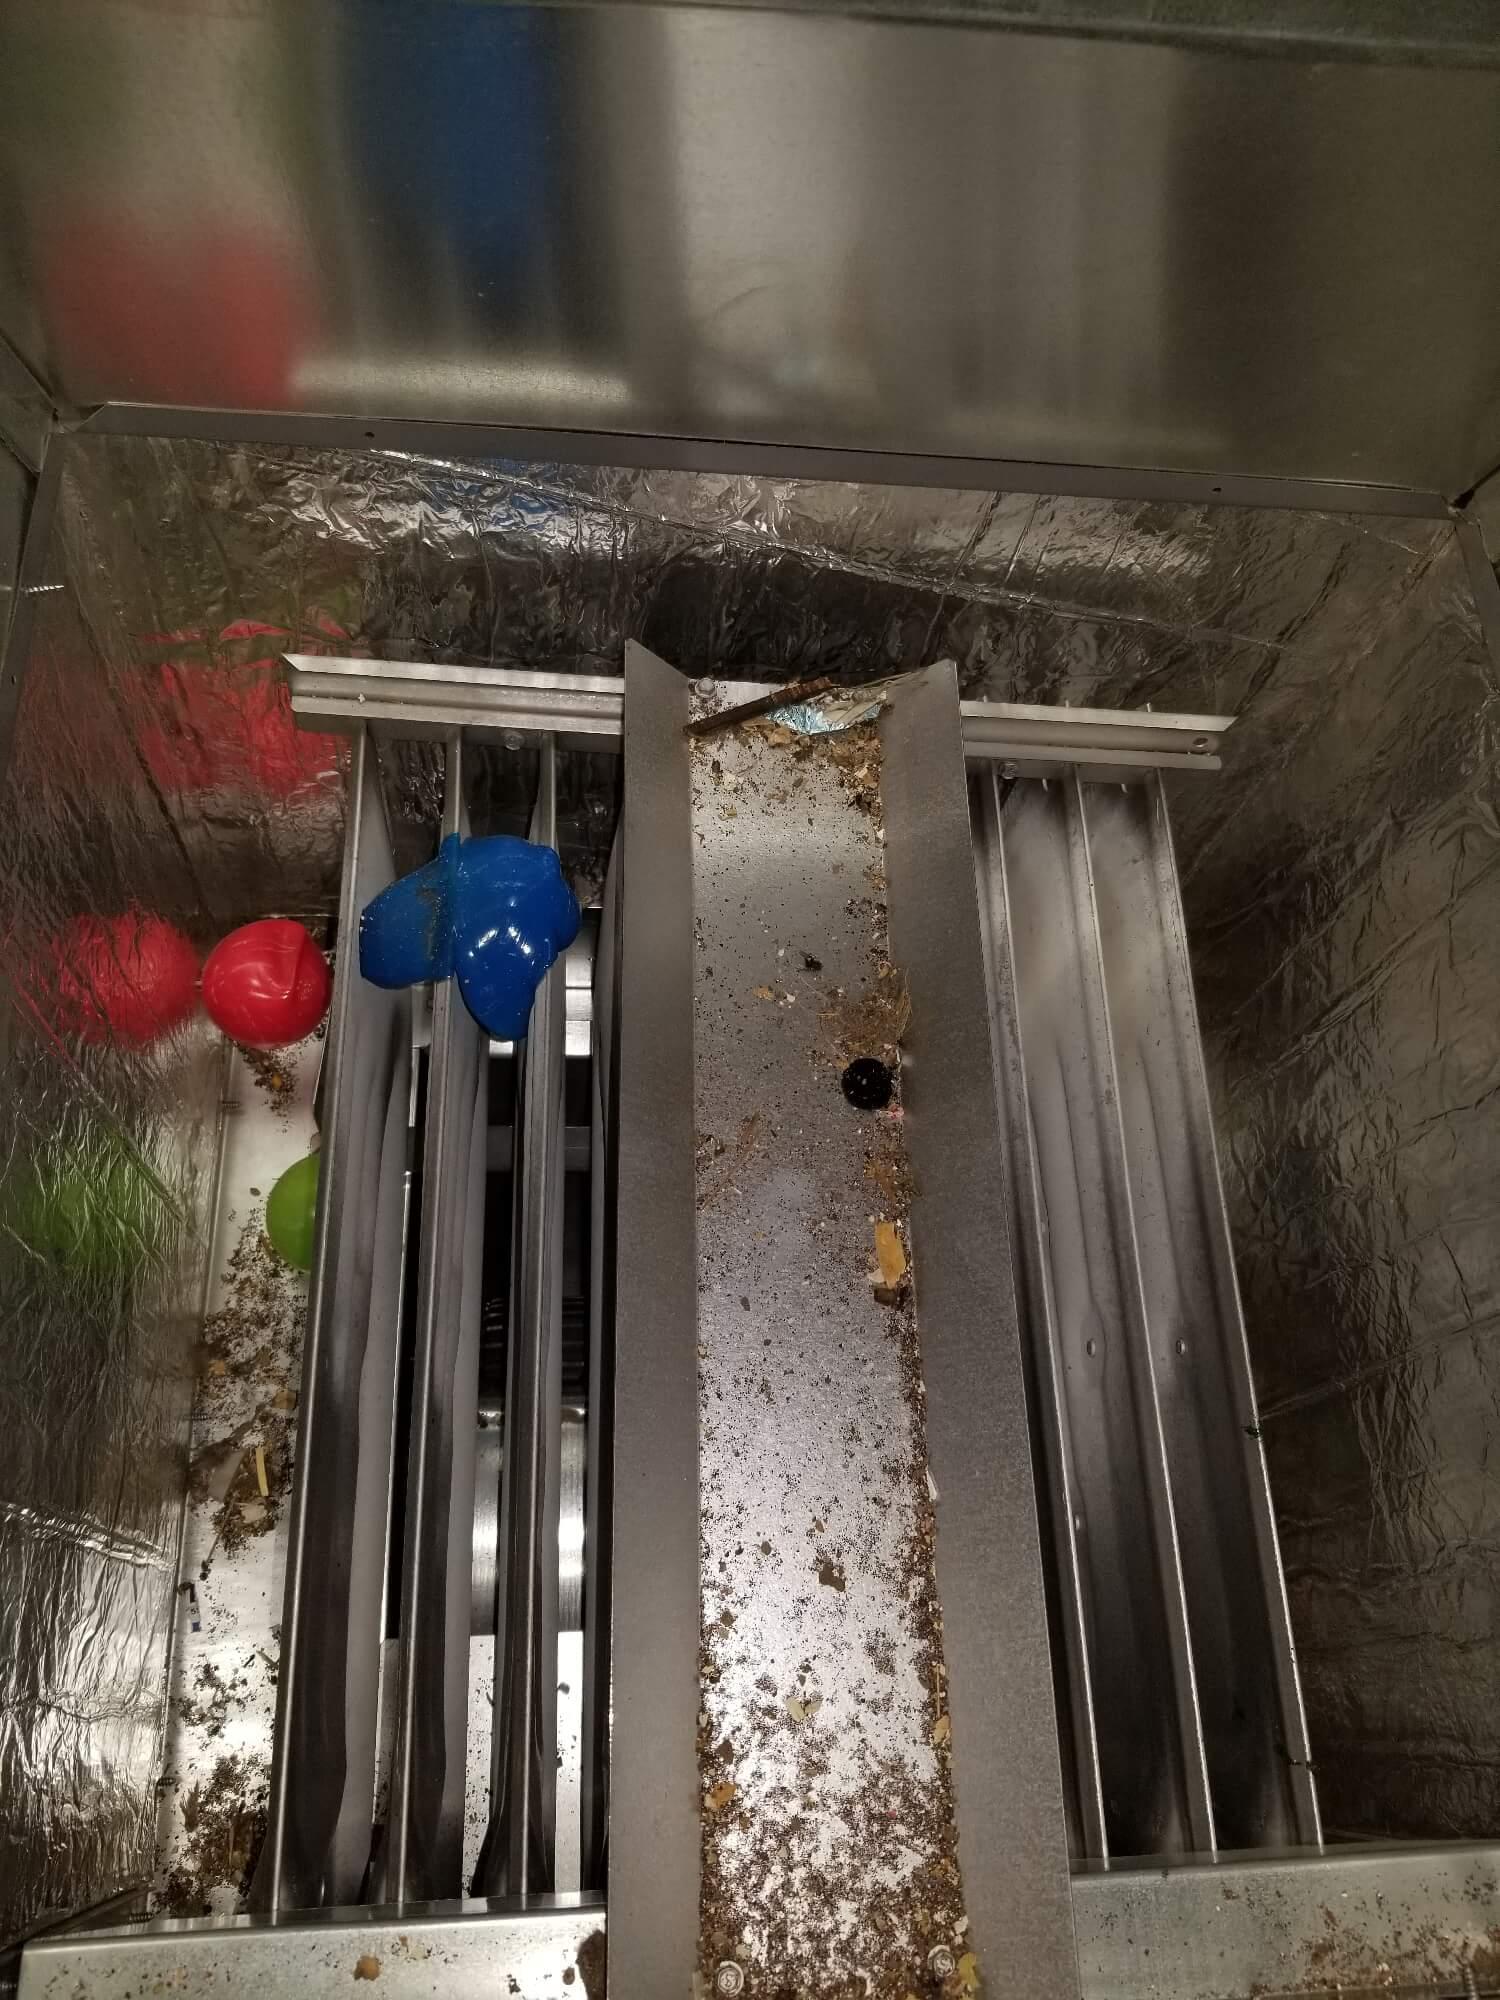 plastic toys on heat exchangers